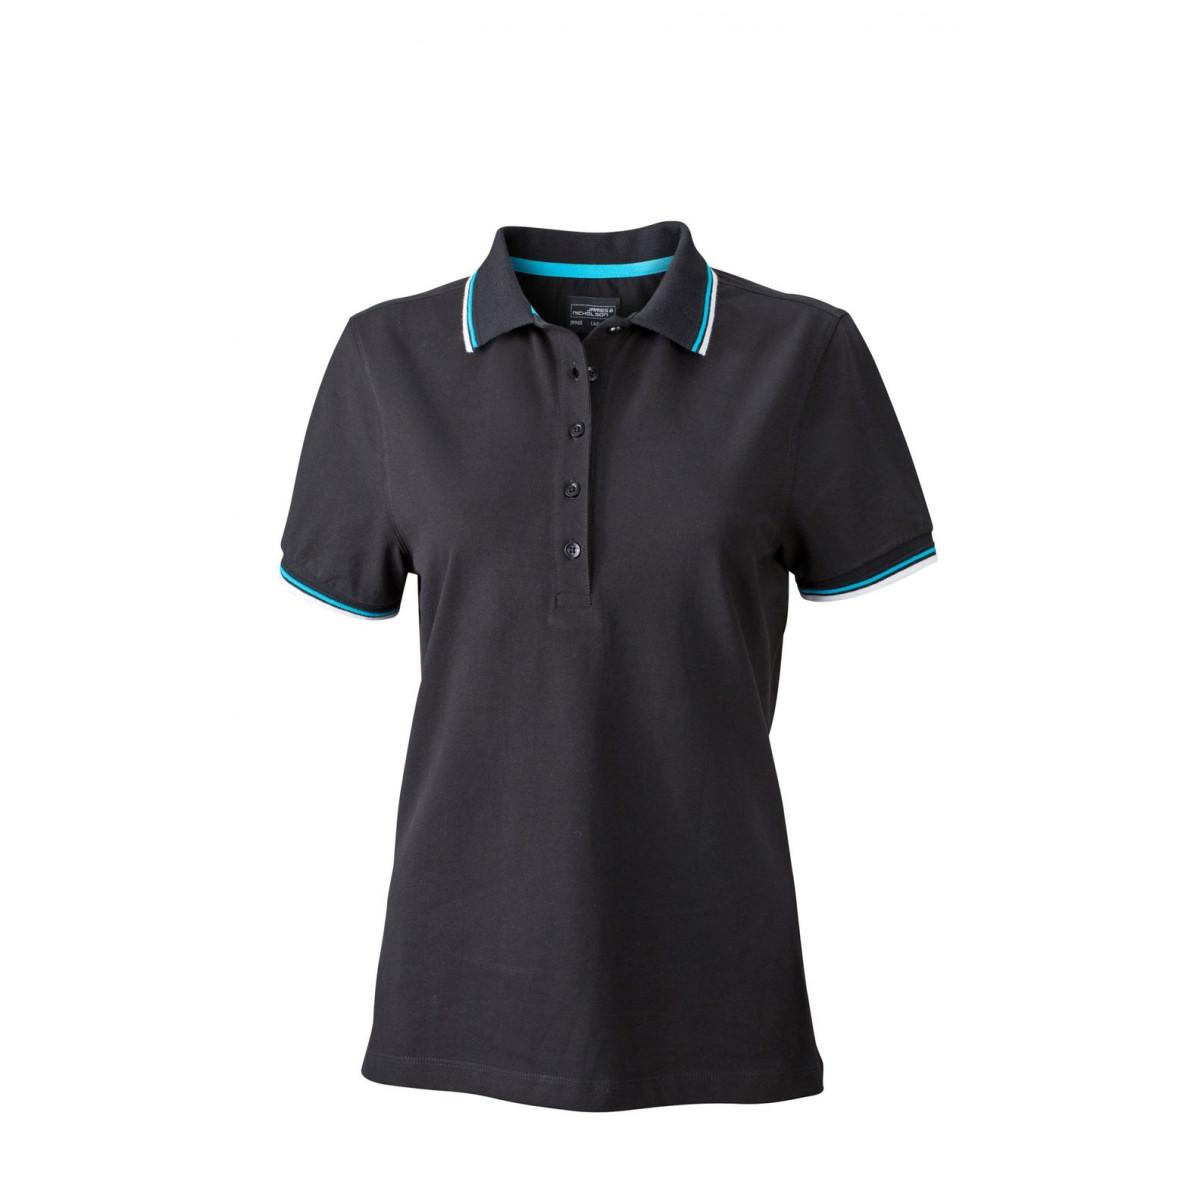 Рубашка поло женская JN965 Ladies coldblack® Polo - Черный/Белый/Бирюзовый